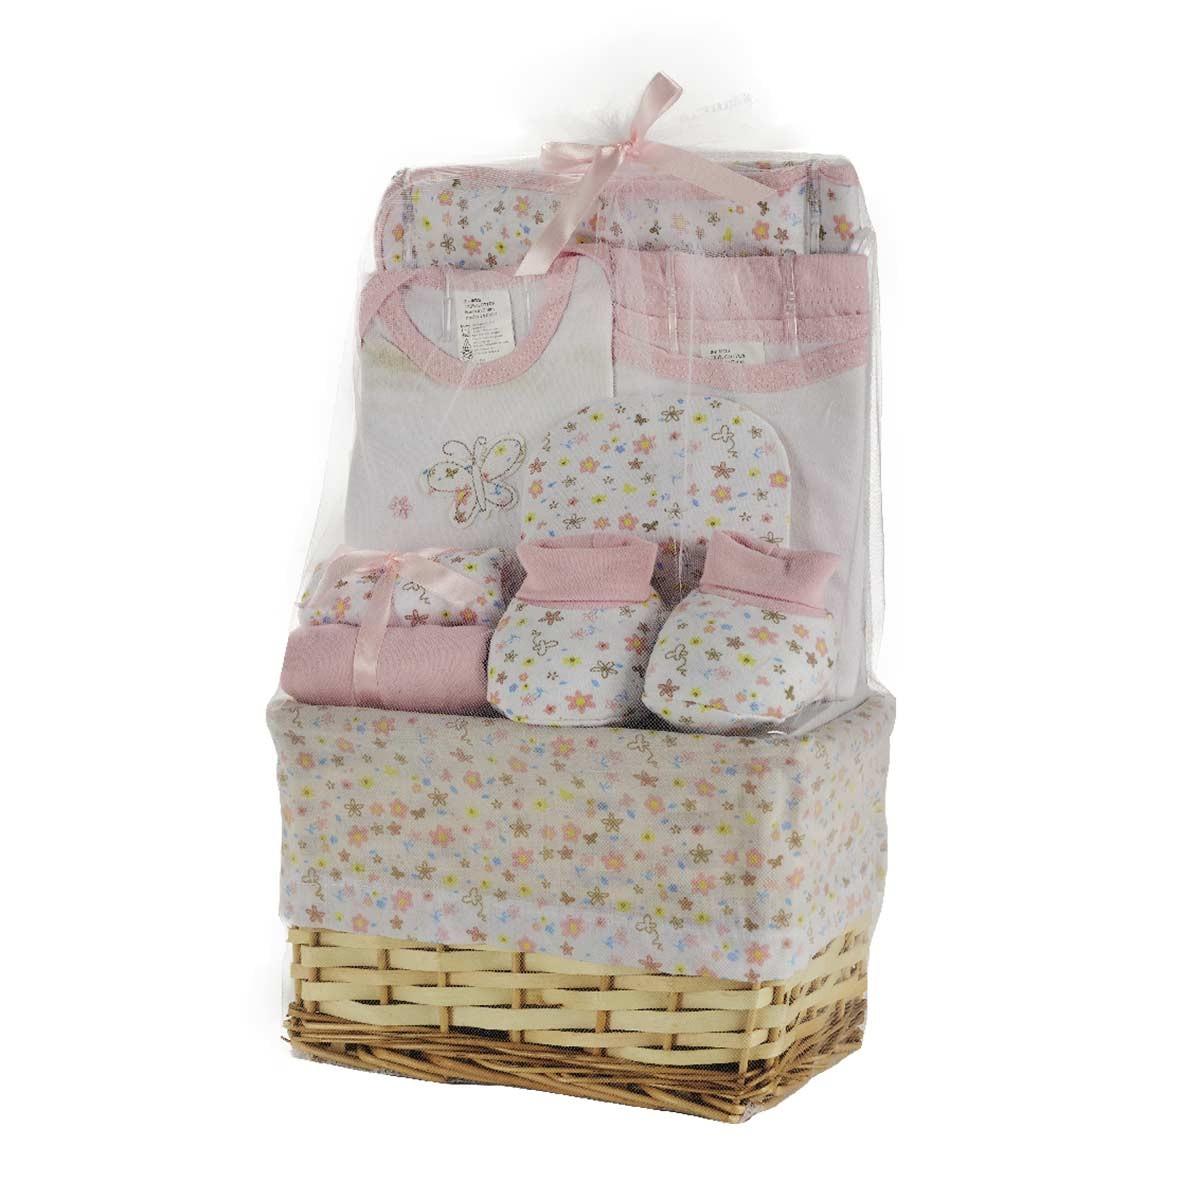 Βρεφικά Ρουχαλάκια (Σετ 10τμχ) White Egg Καλάθι Ροζ home   βρεφικά   βρεφικά ρουχαλάκια